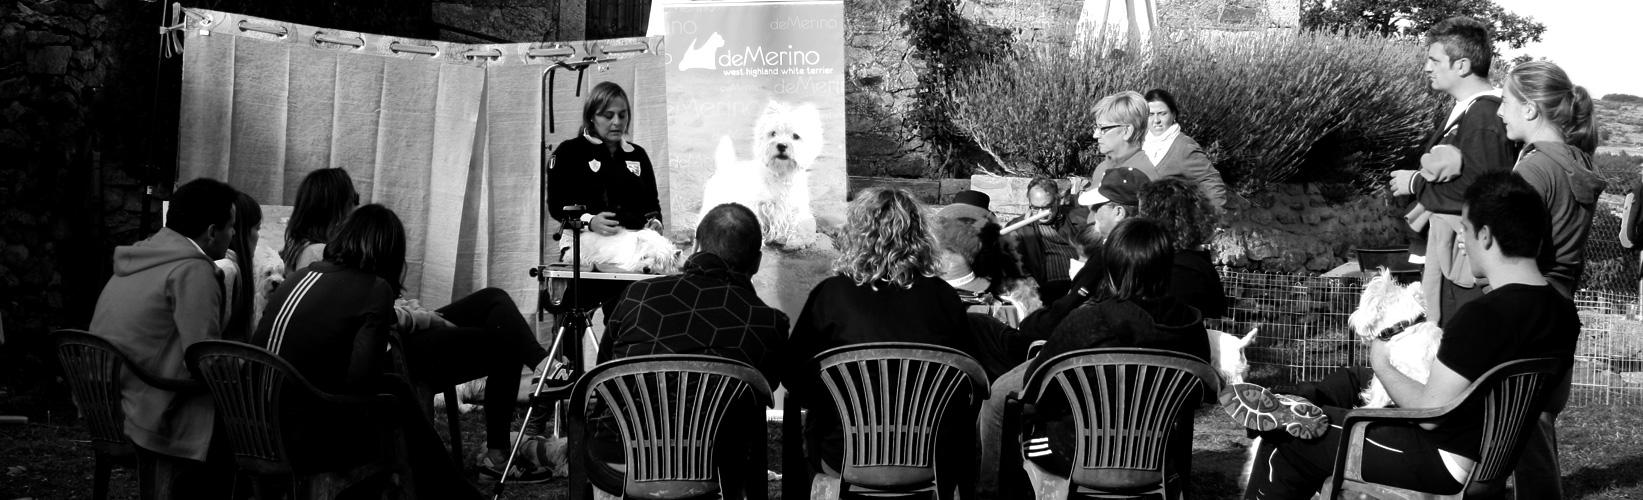 Encuentro Westies Demerino. Taller de peluquería canina (blanco y negro)